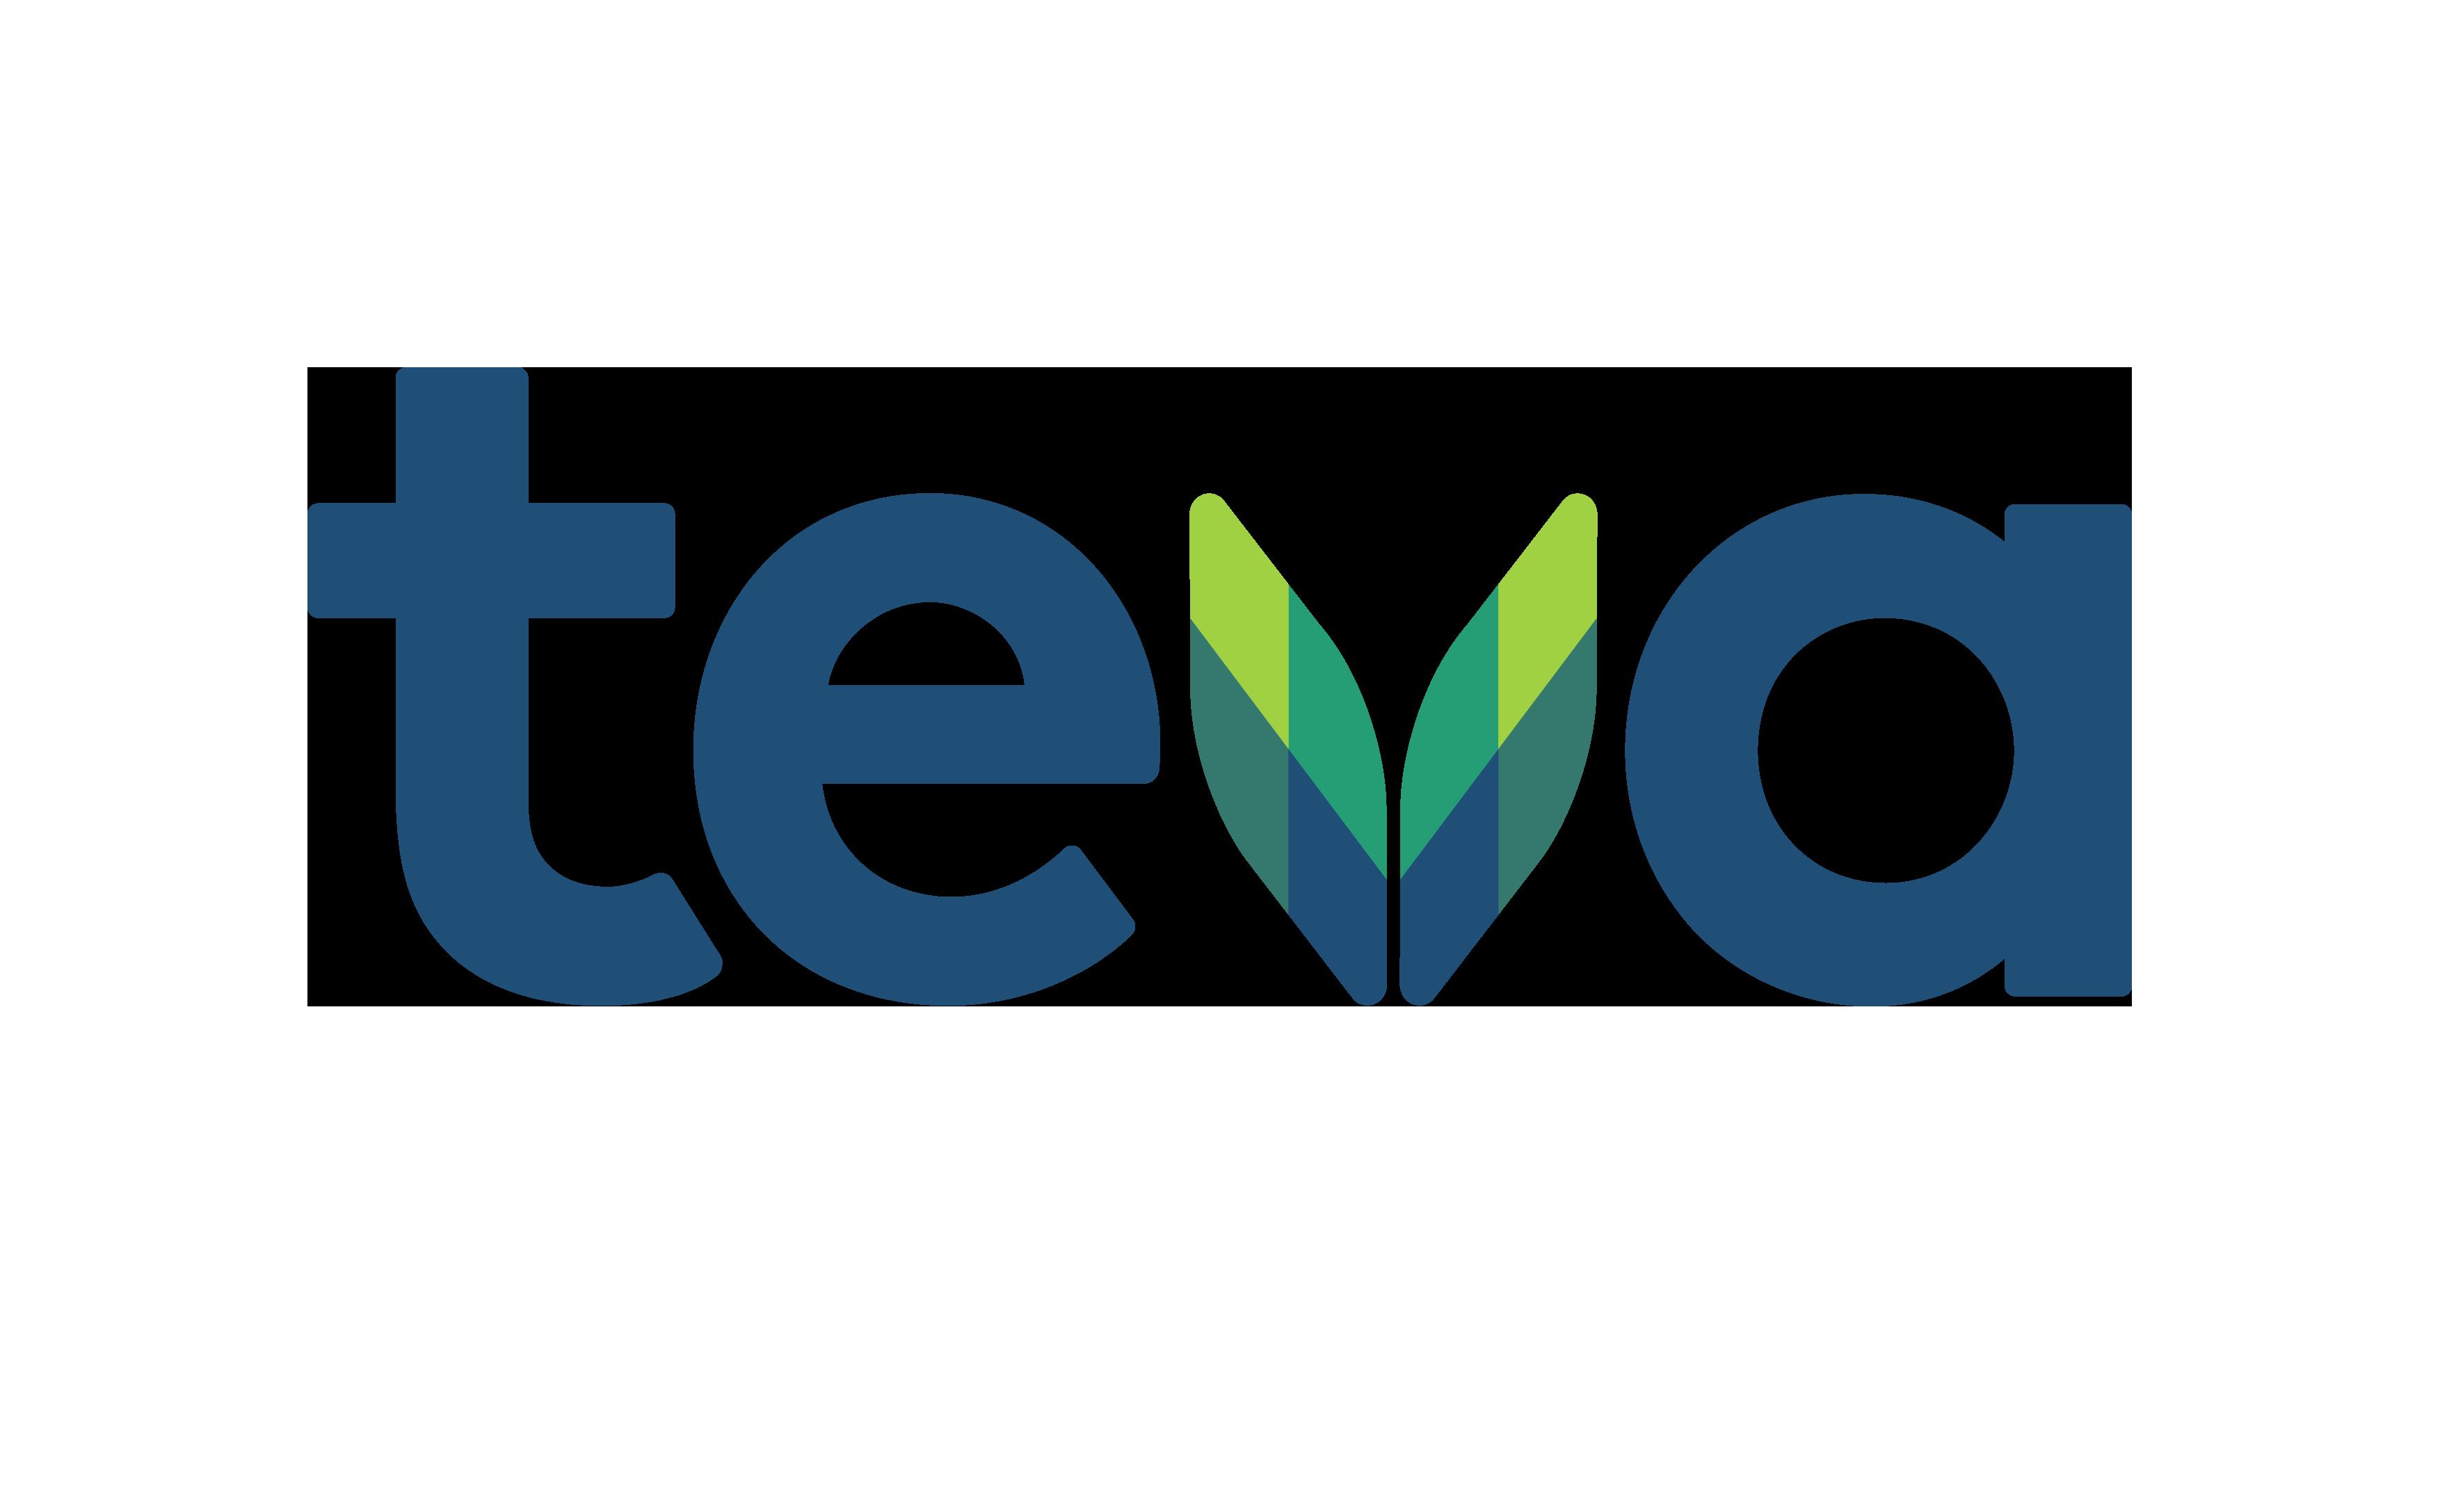 TEva-logo